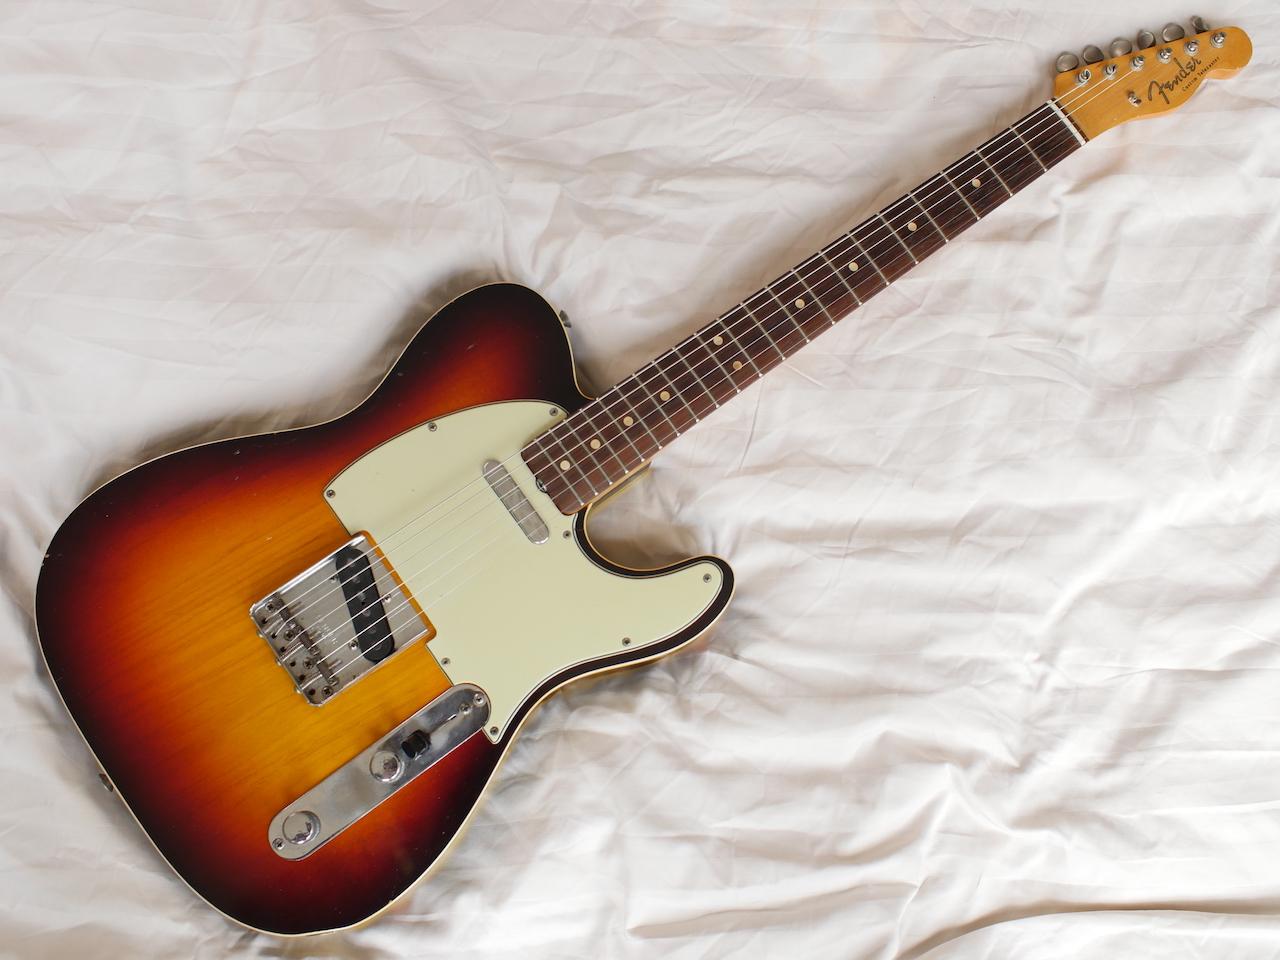 fender telecaster custom 1964 sunburst guitar for sale atoyboy guitars. Black Bedroom Furniture Sets. Home Design Ideas